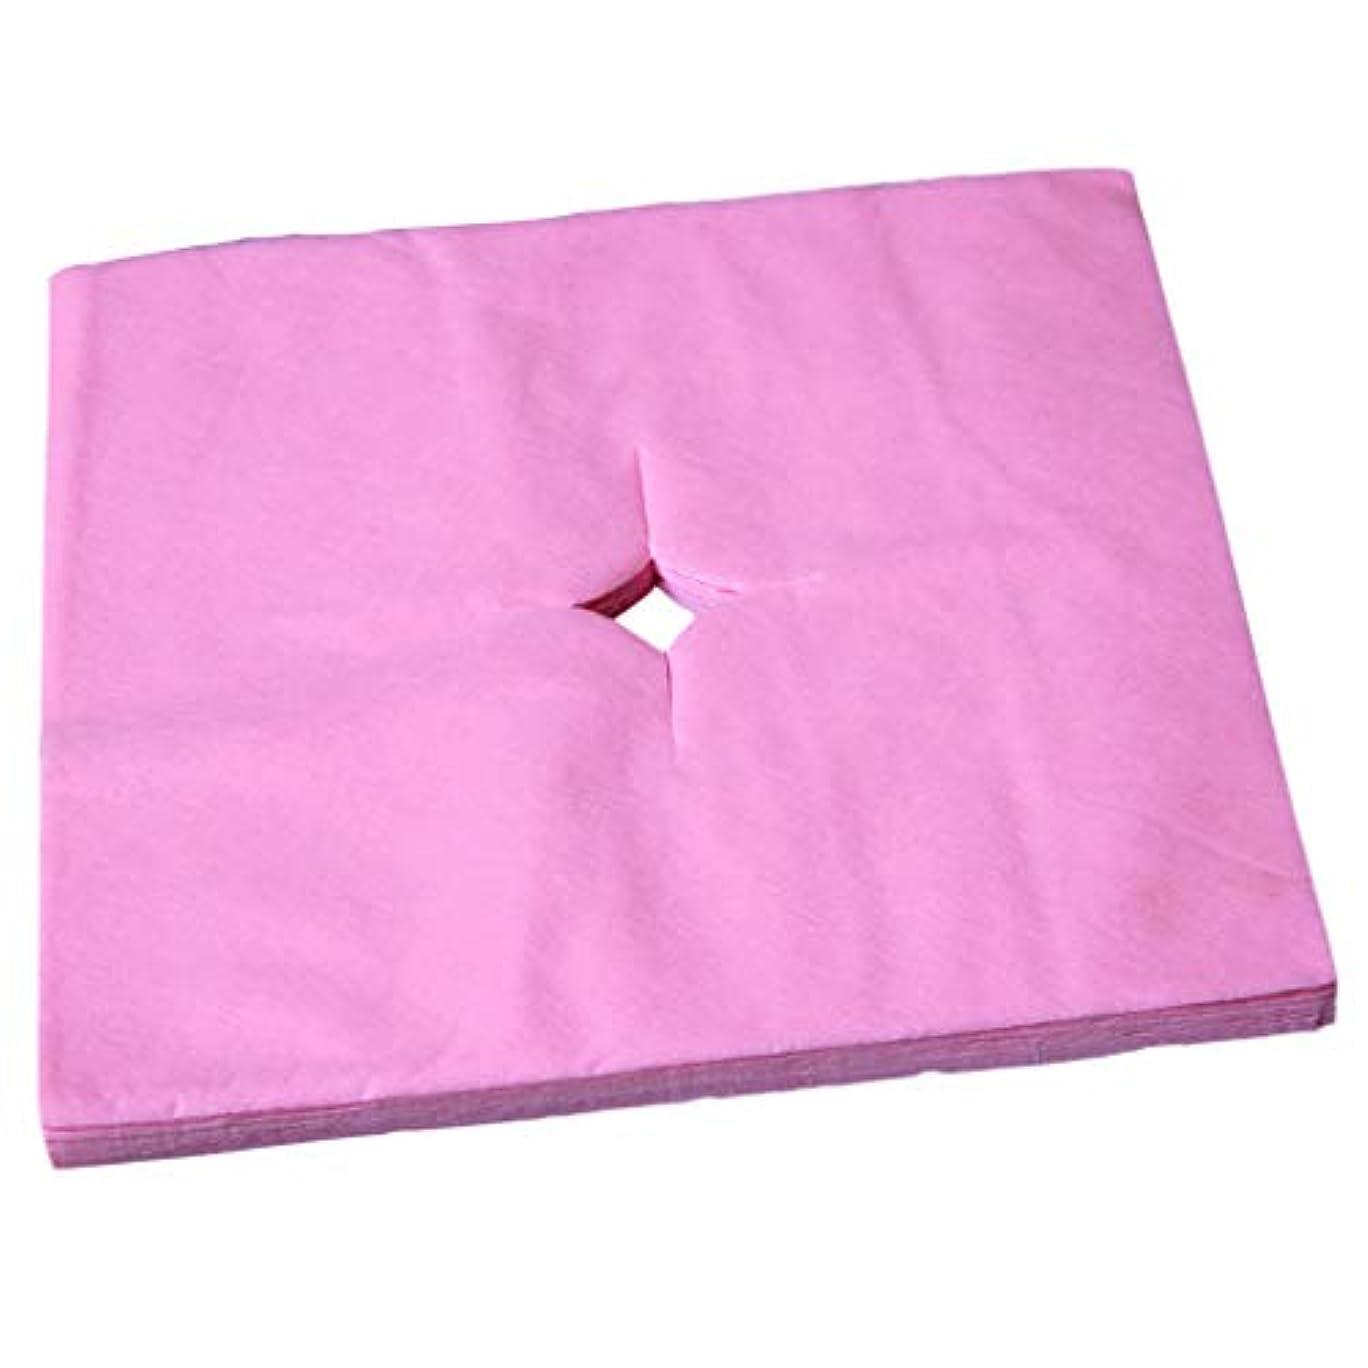 ピアニストに頼るアクセスできないdailymall 100ピース/個スパサロン使い捨てマッサージフェイスレストクッションカバークレードルシートクロスカットホール - ピンク